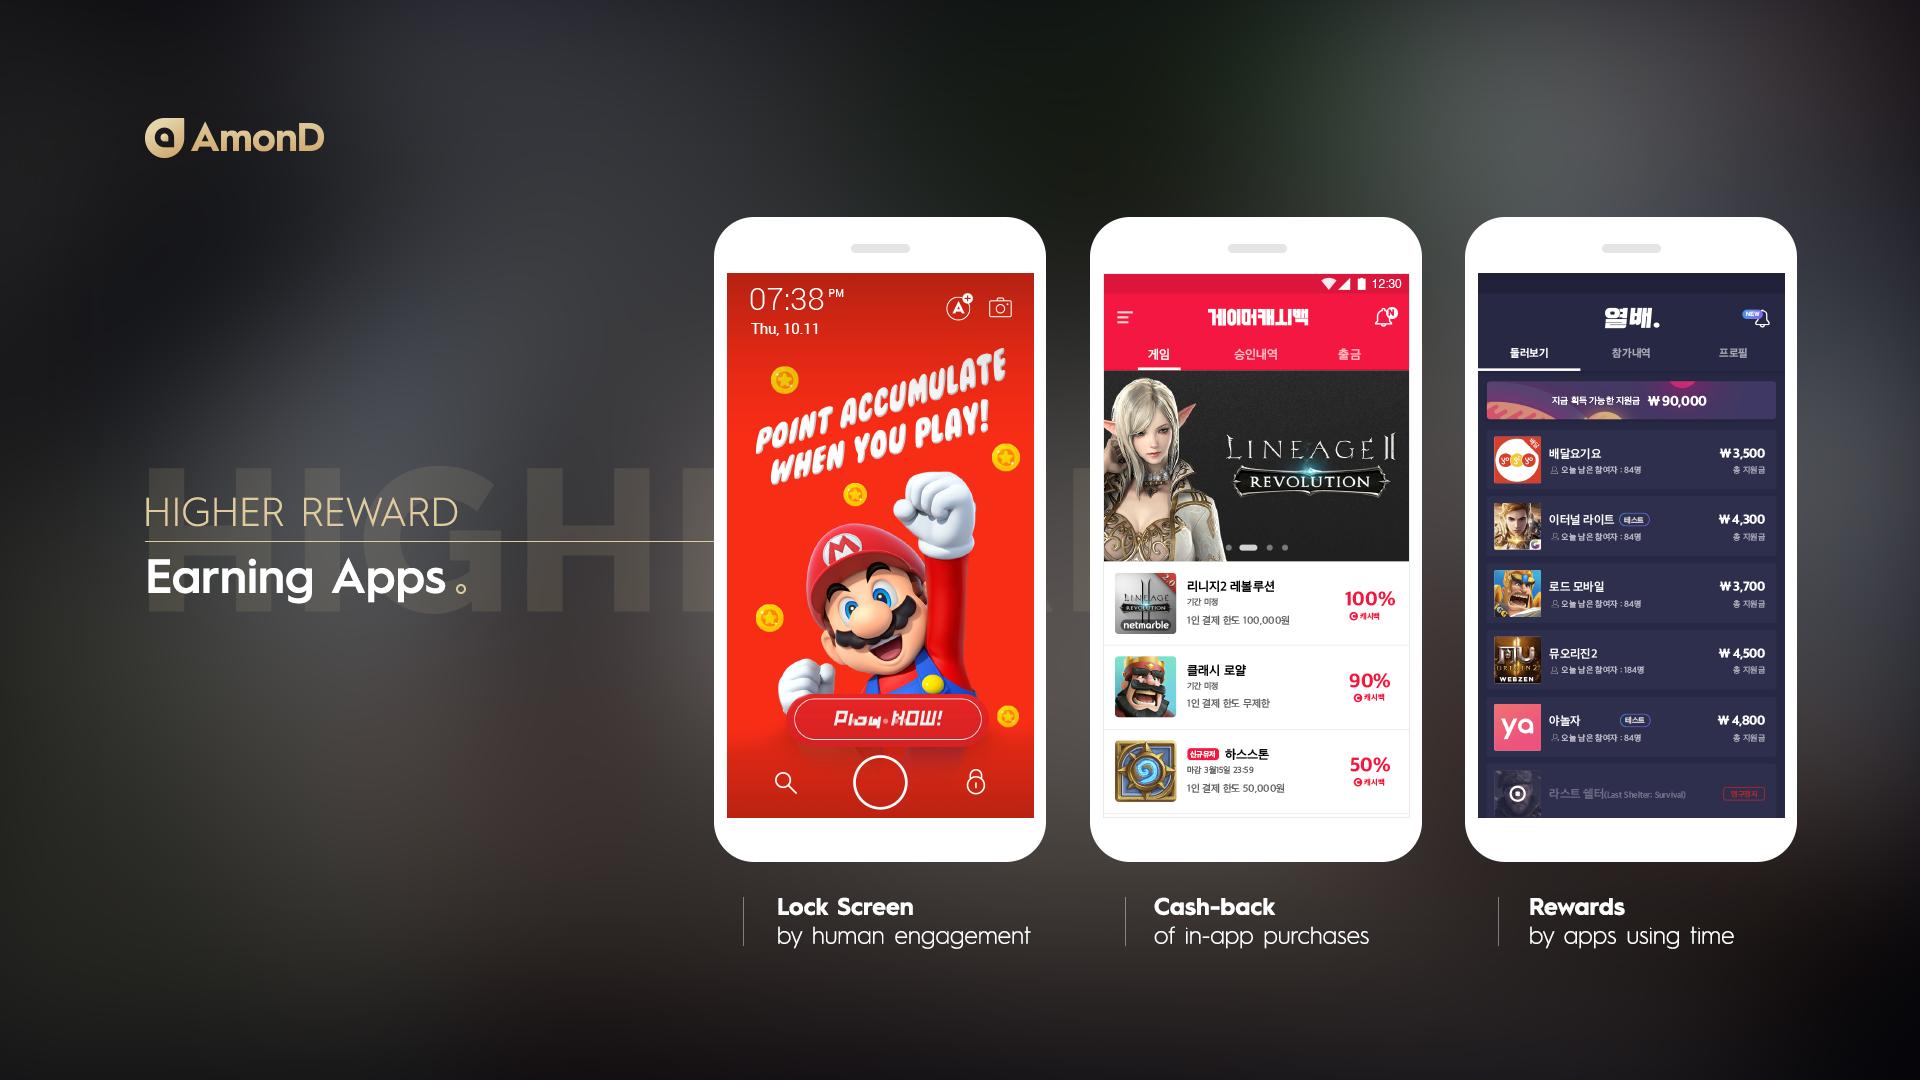 Earning Apps - 아몬드 어닝앱은 소비자가 광고 캠페인에 참여하고 리워드를 받는 분산 어플리케이션입니다.어닝앱은 광고시청뿐 아니라, 게임을 하거나 기업이 스폰서한 콘텐츠를 이용하고 특별한 미션을 수행하는 등 이전에는 상상할 수 없던 다양한 앱들로 구성되며, 이미 시장을 확보하고 있는 검증된 아몬드 파트너를 통해 출시될 예정입니다.BE OUR PARTNER